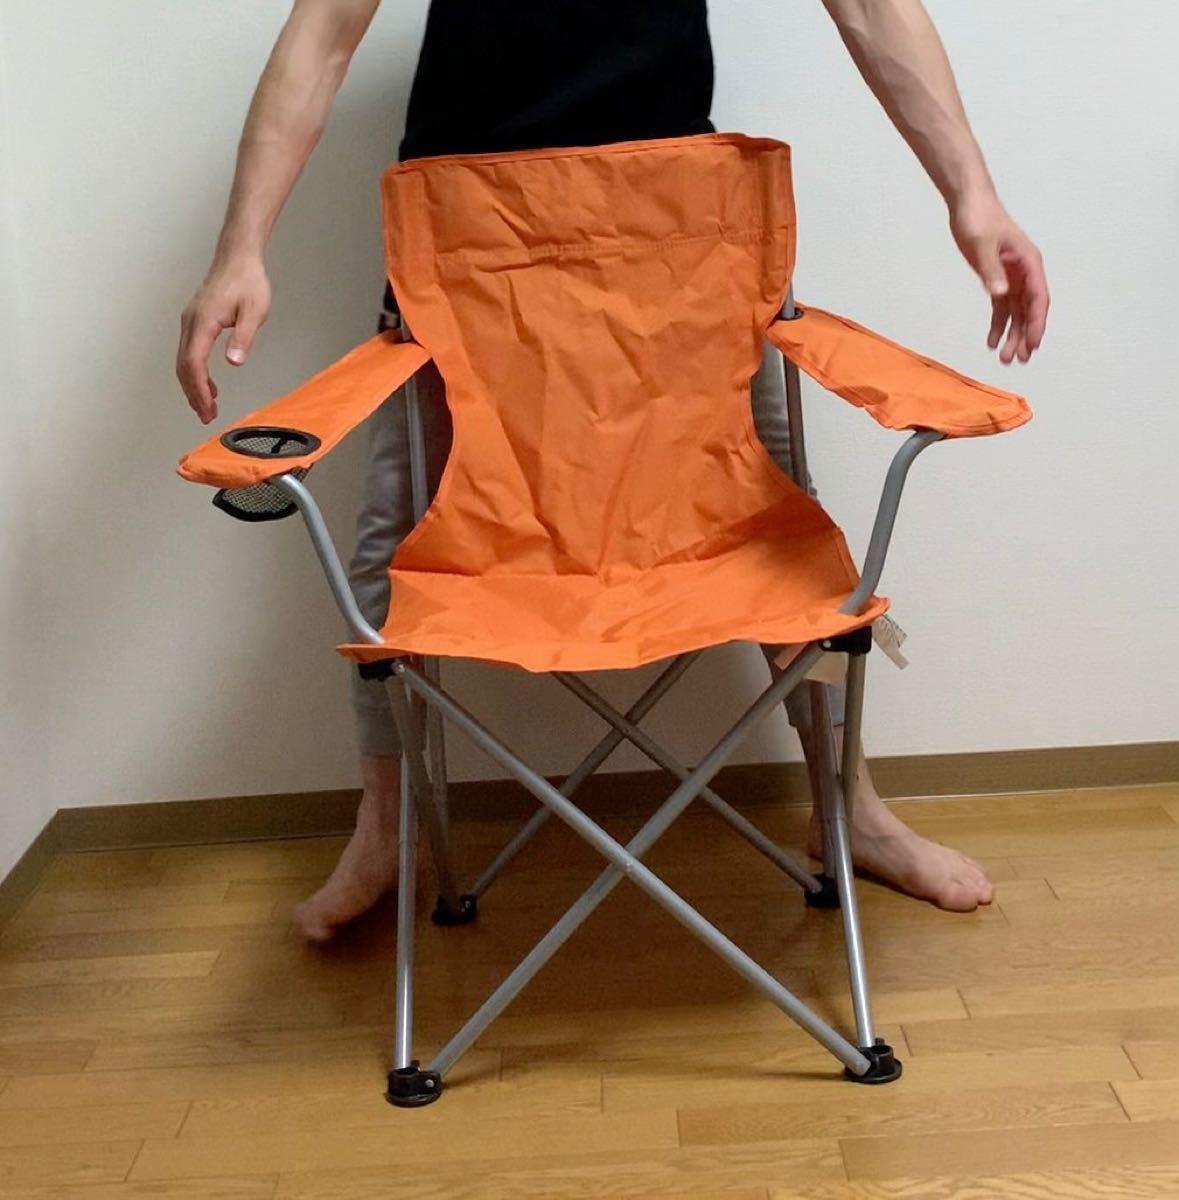 アウトドアチェア、折りたたみ椅子、2個セット